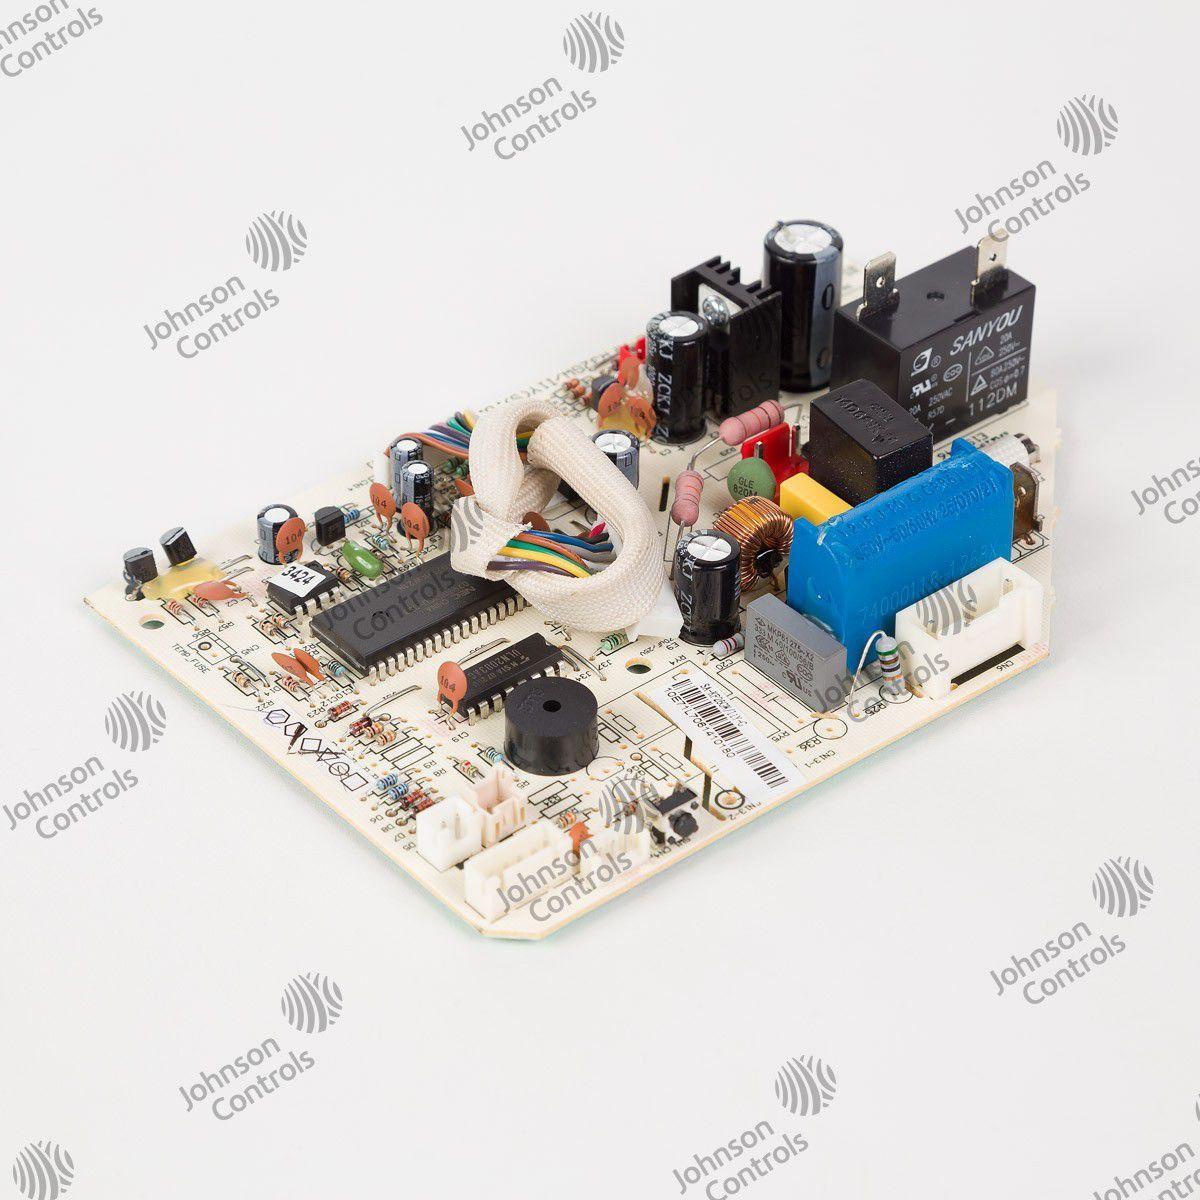 Placa Eletrônica de Circuito Hitachi RPK008